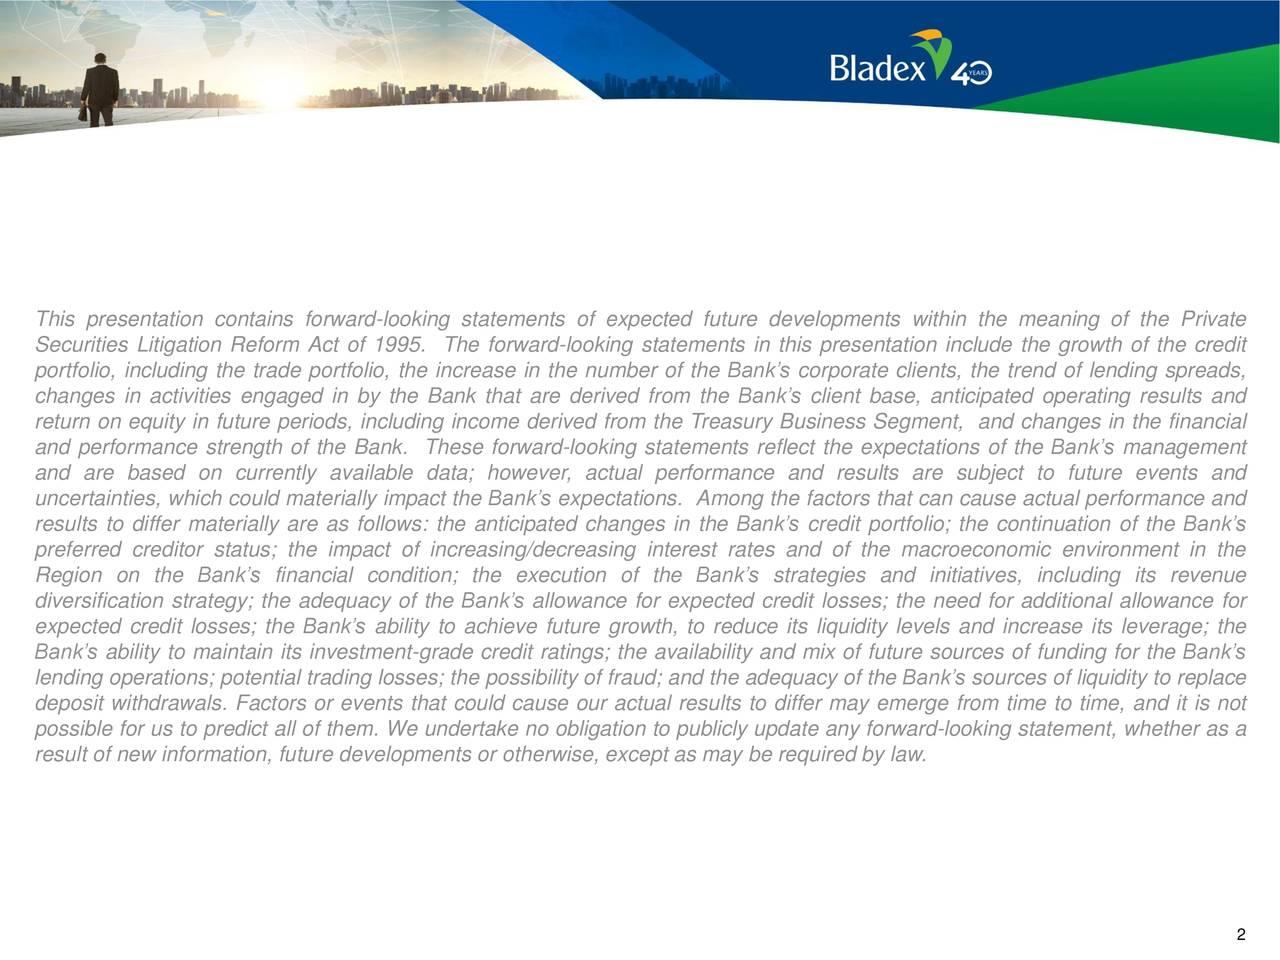 Banco Exterior: Banco Latinoamericano De Comercio Exterior, S.A 2019 Q1